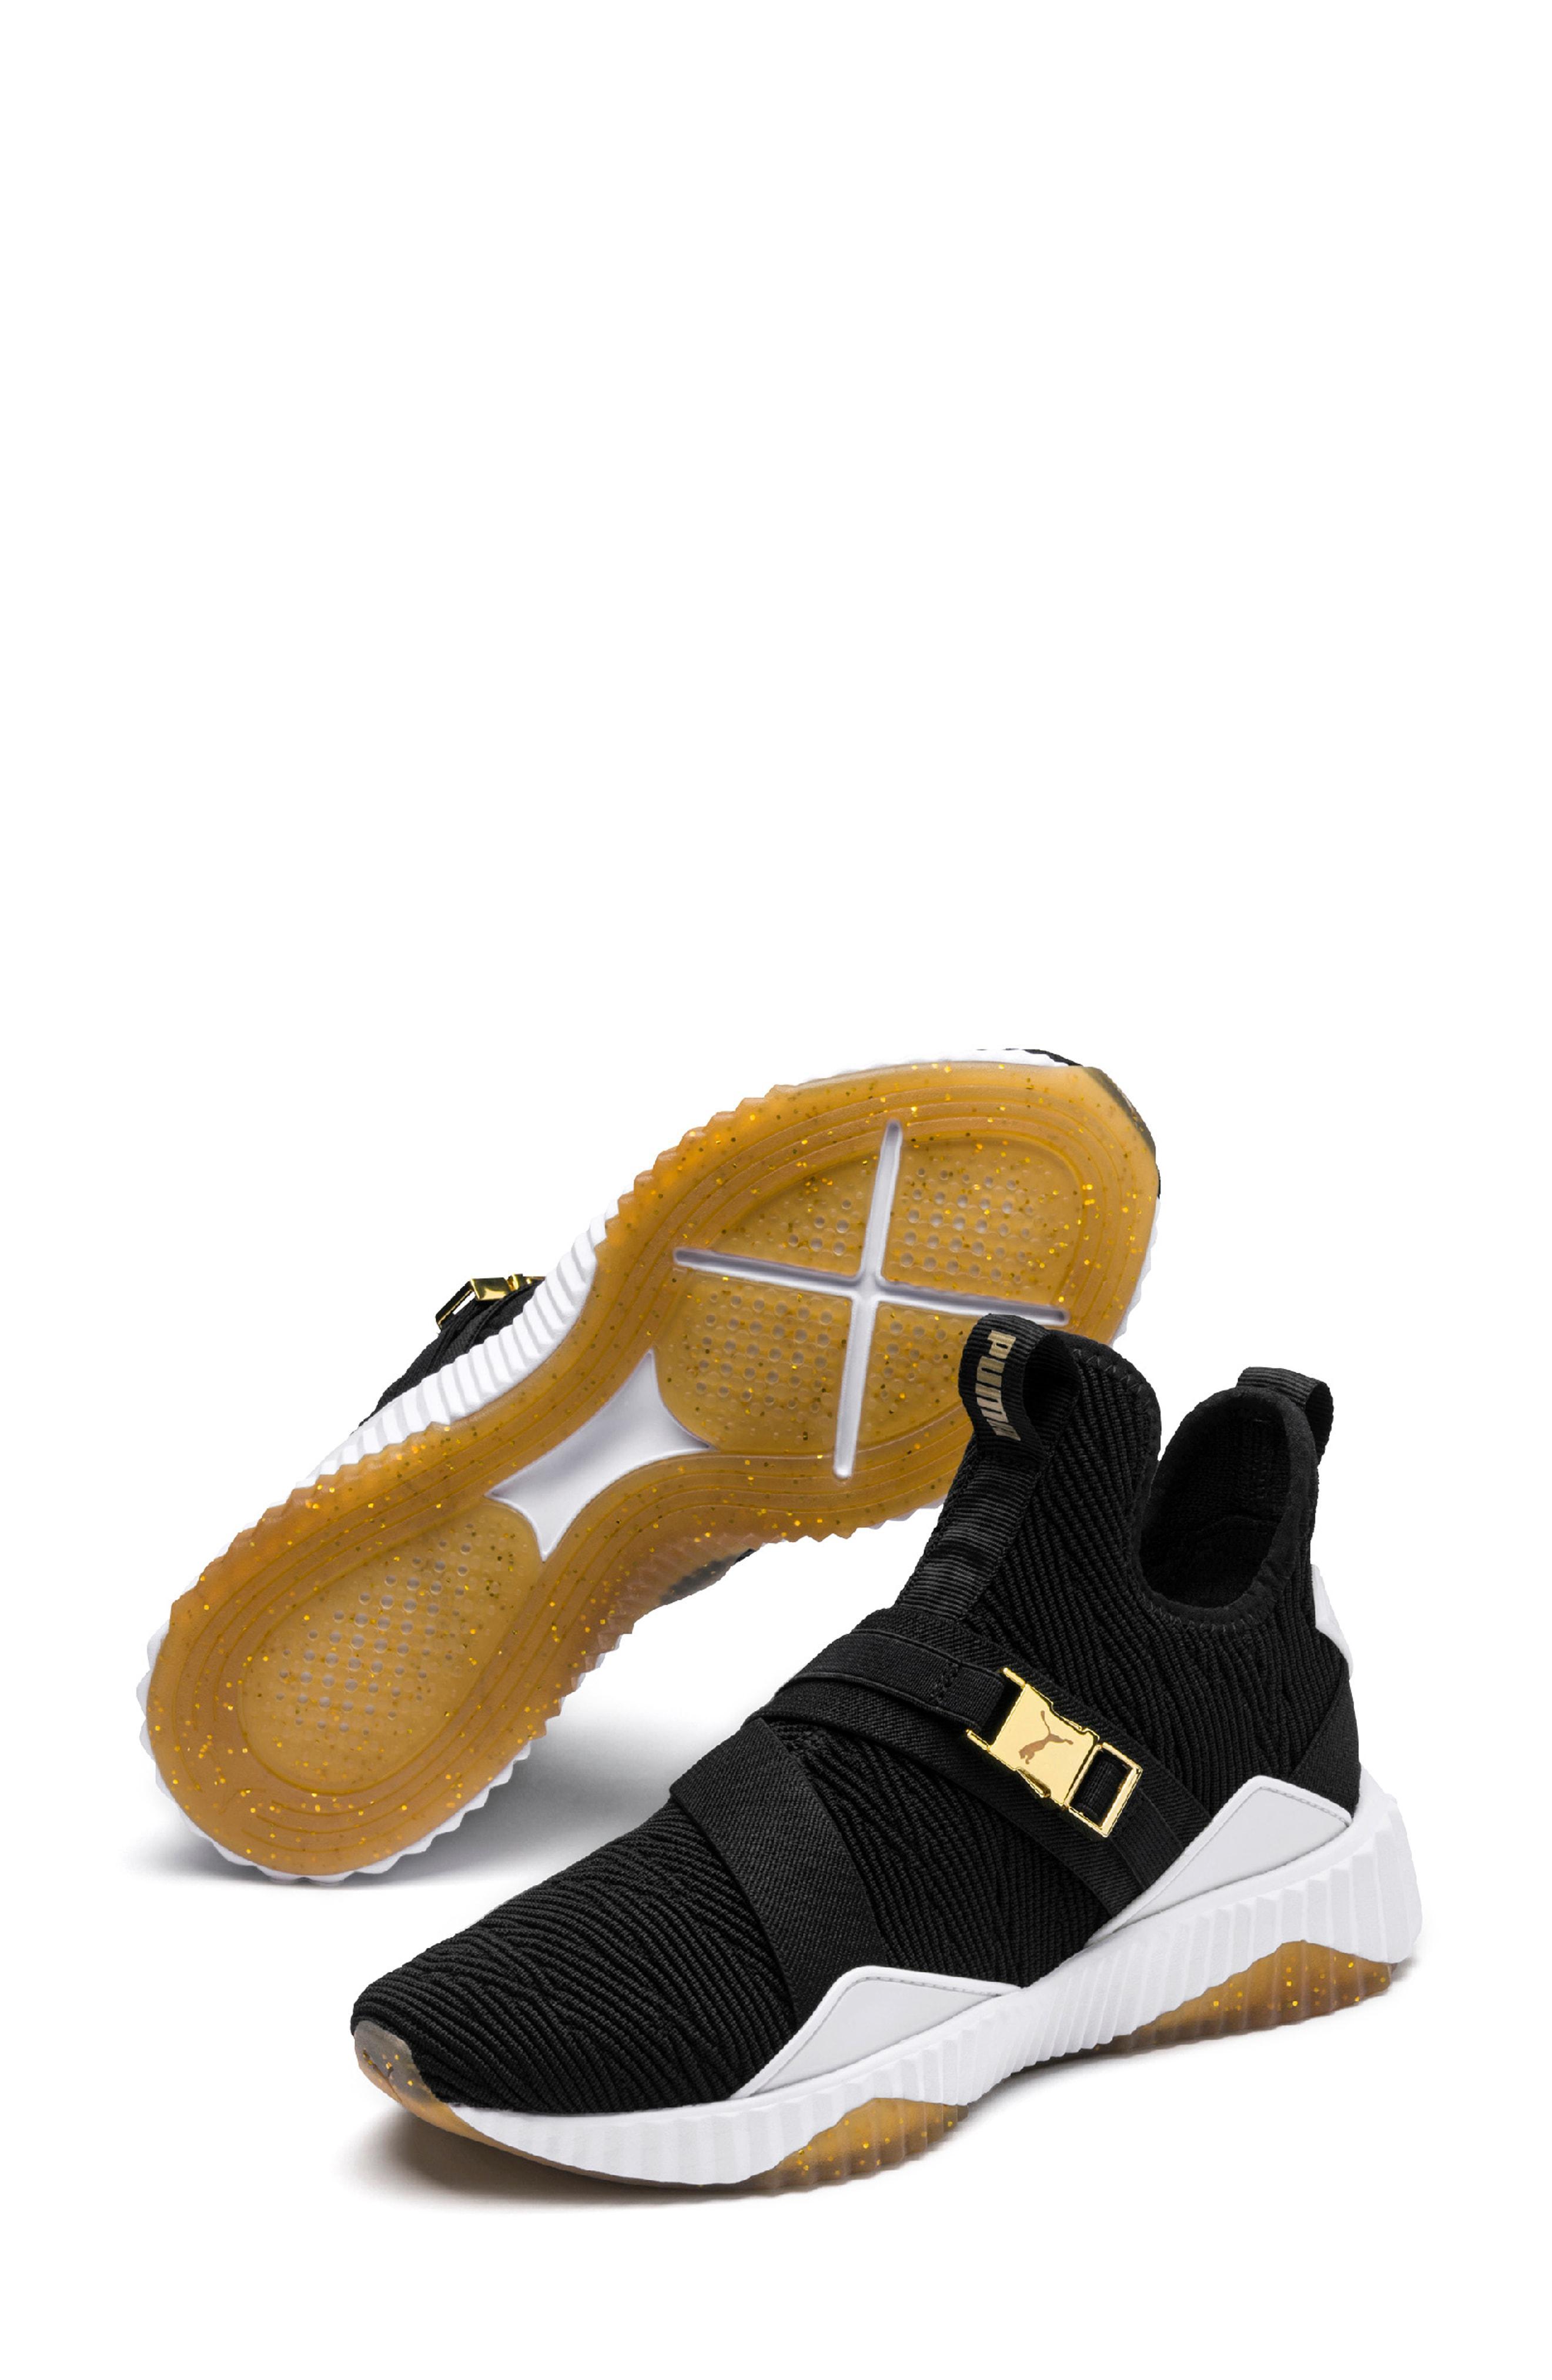 d8e915691c8 Lyst - Puma Defy Mid Varsity Sneaker in White